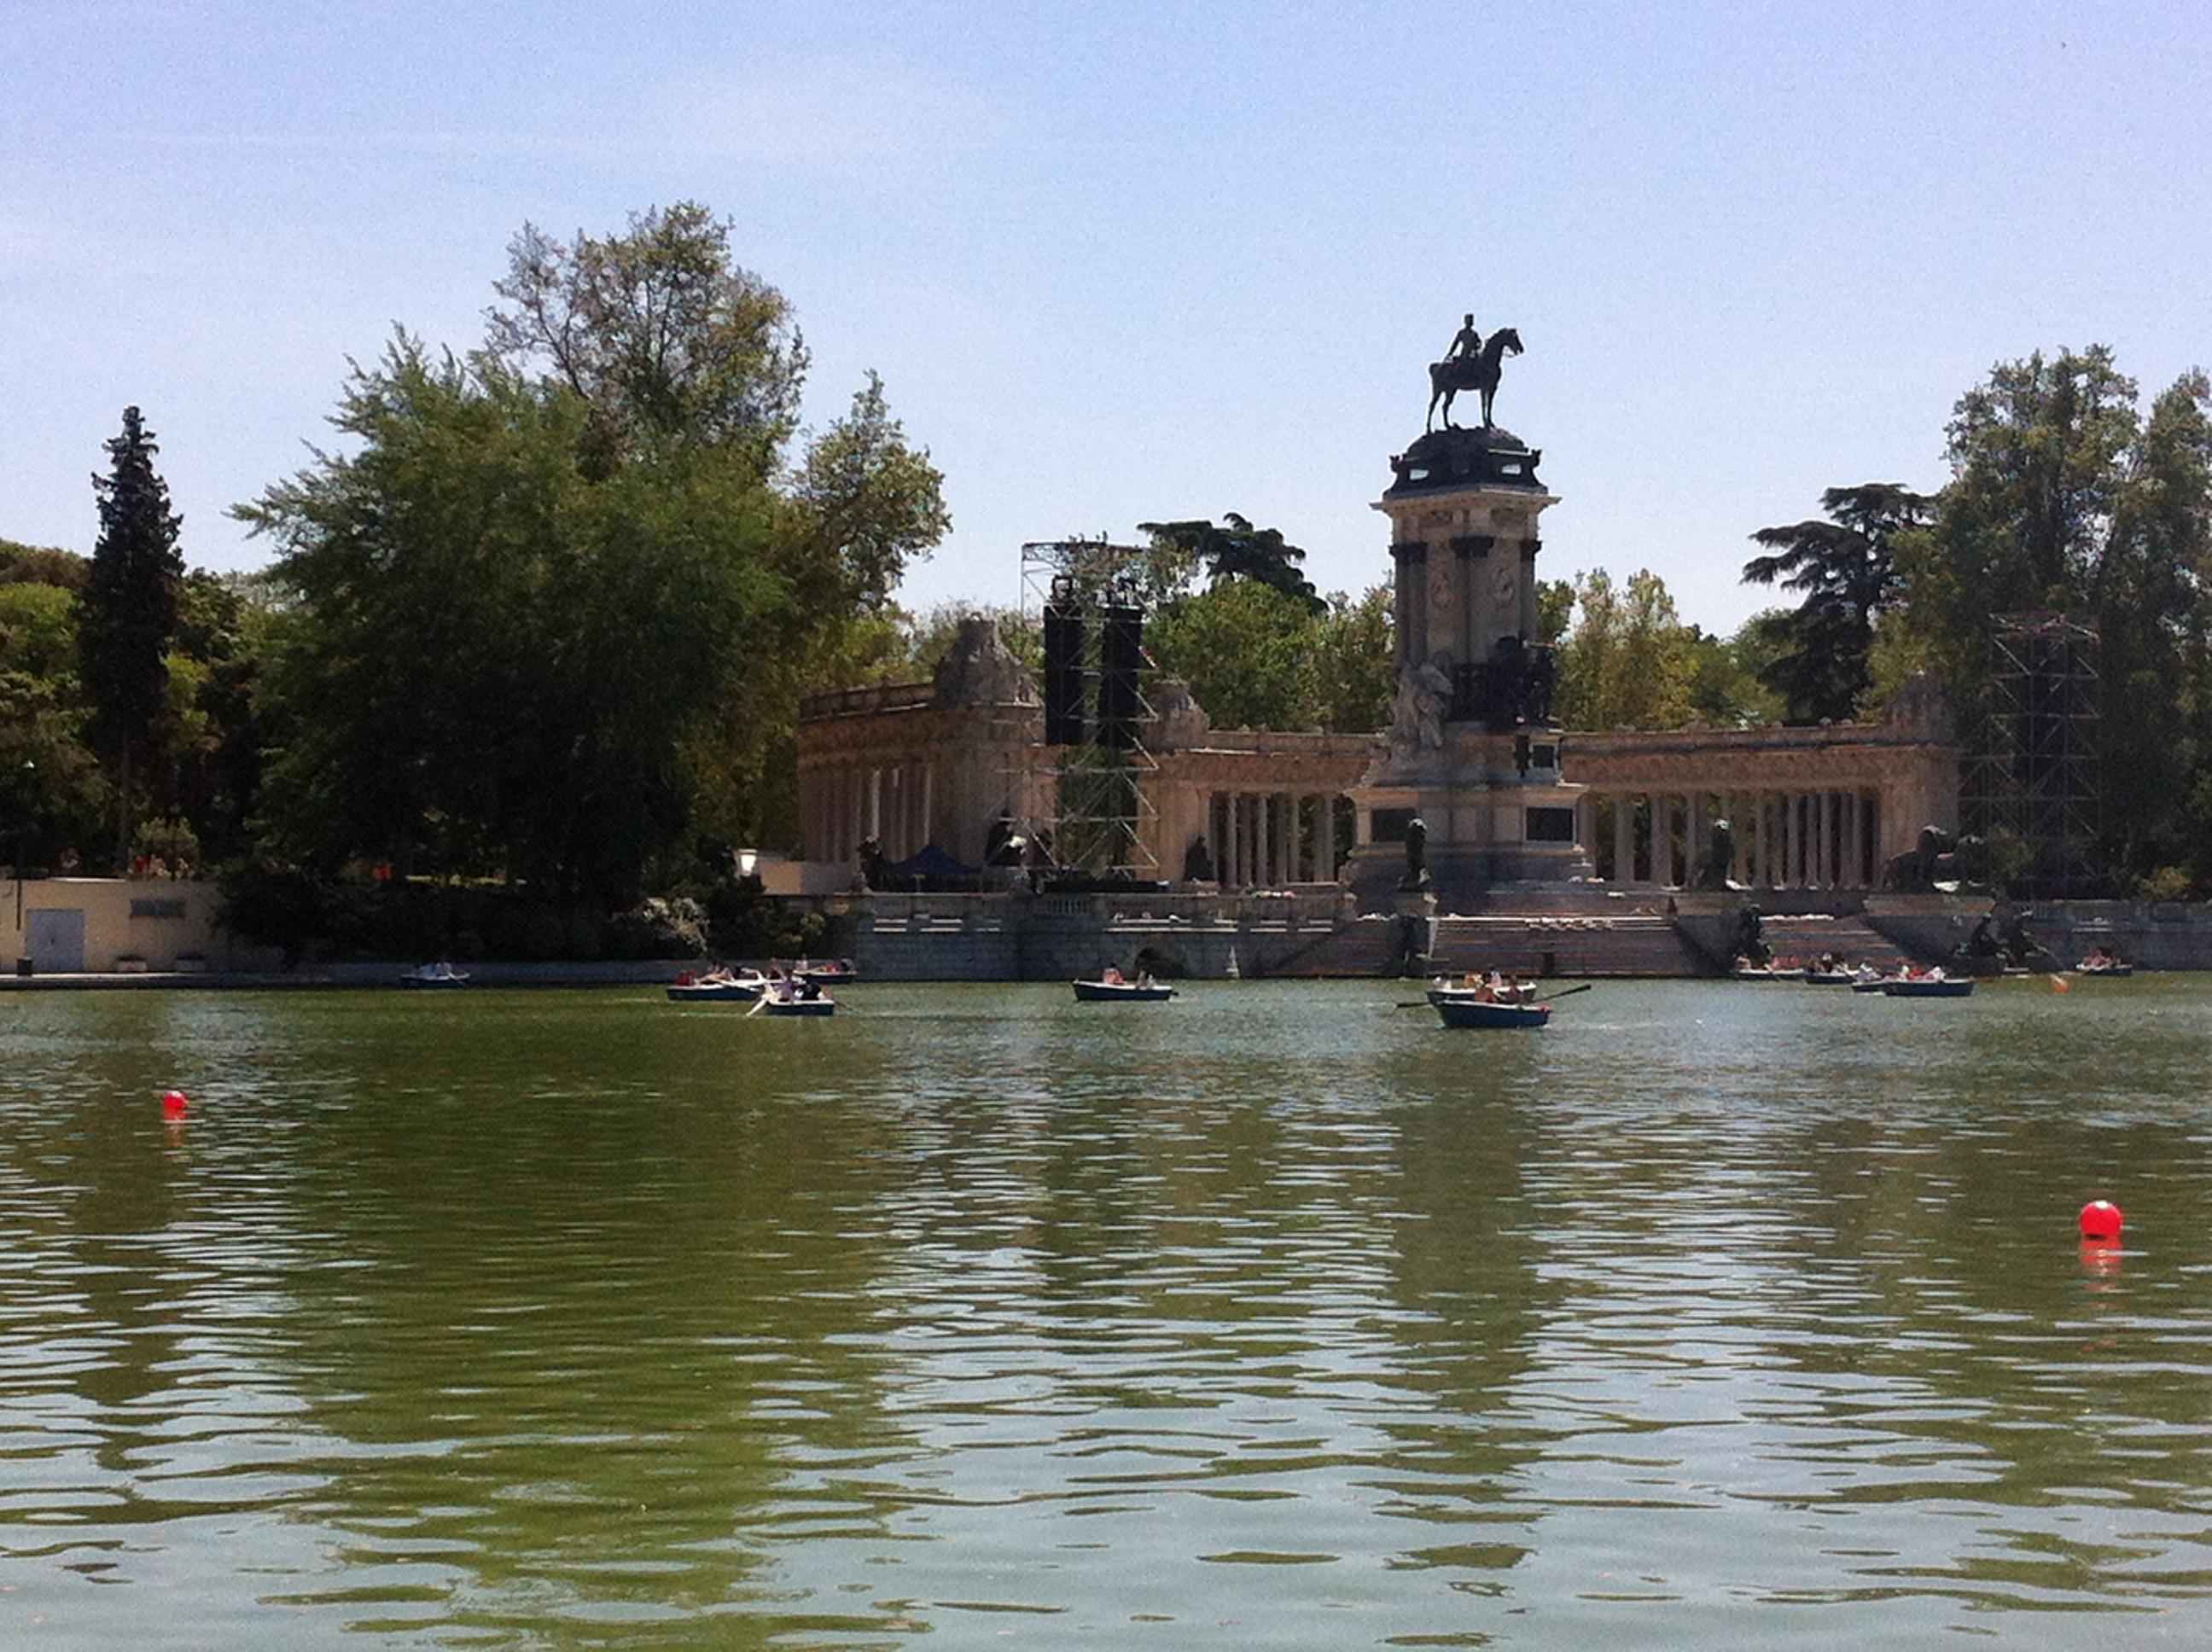 Parque del retiro universomadrid for Parque del retiro barcas